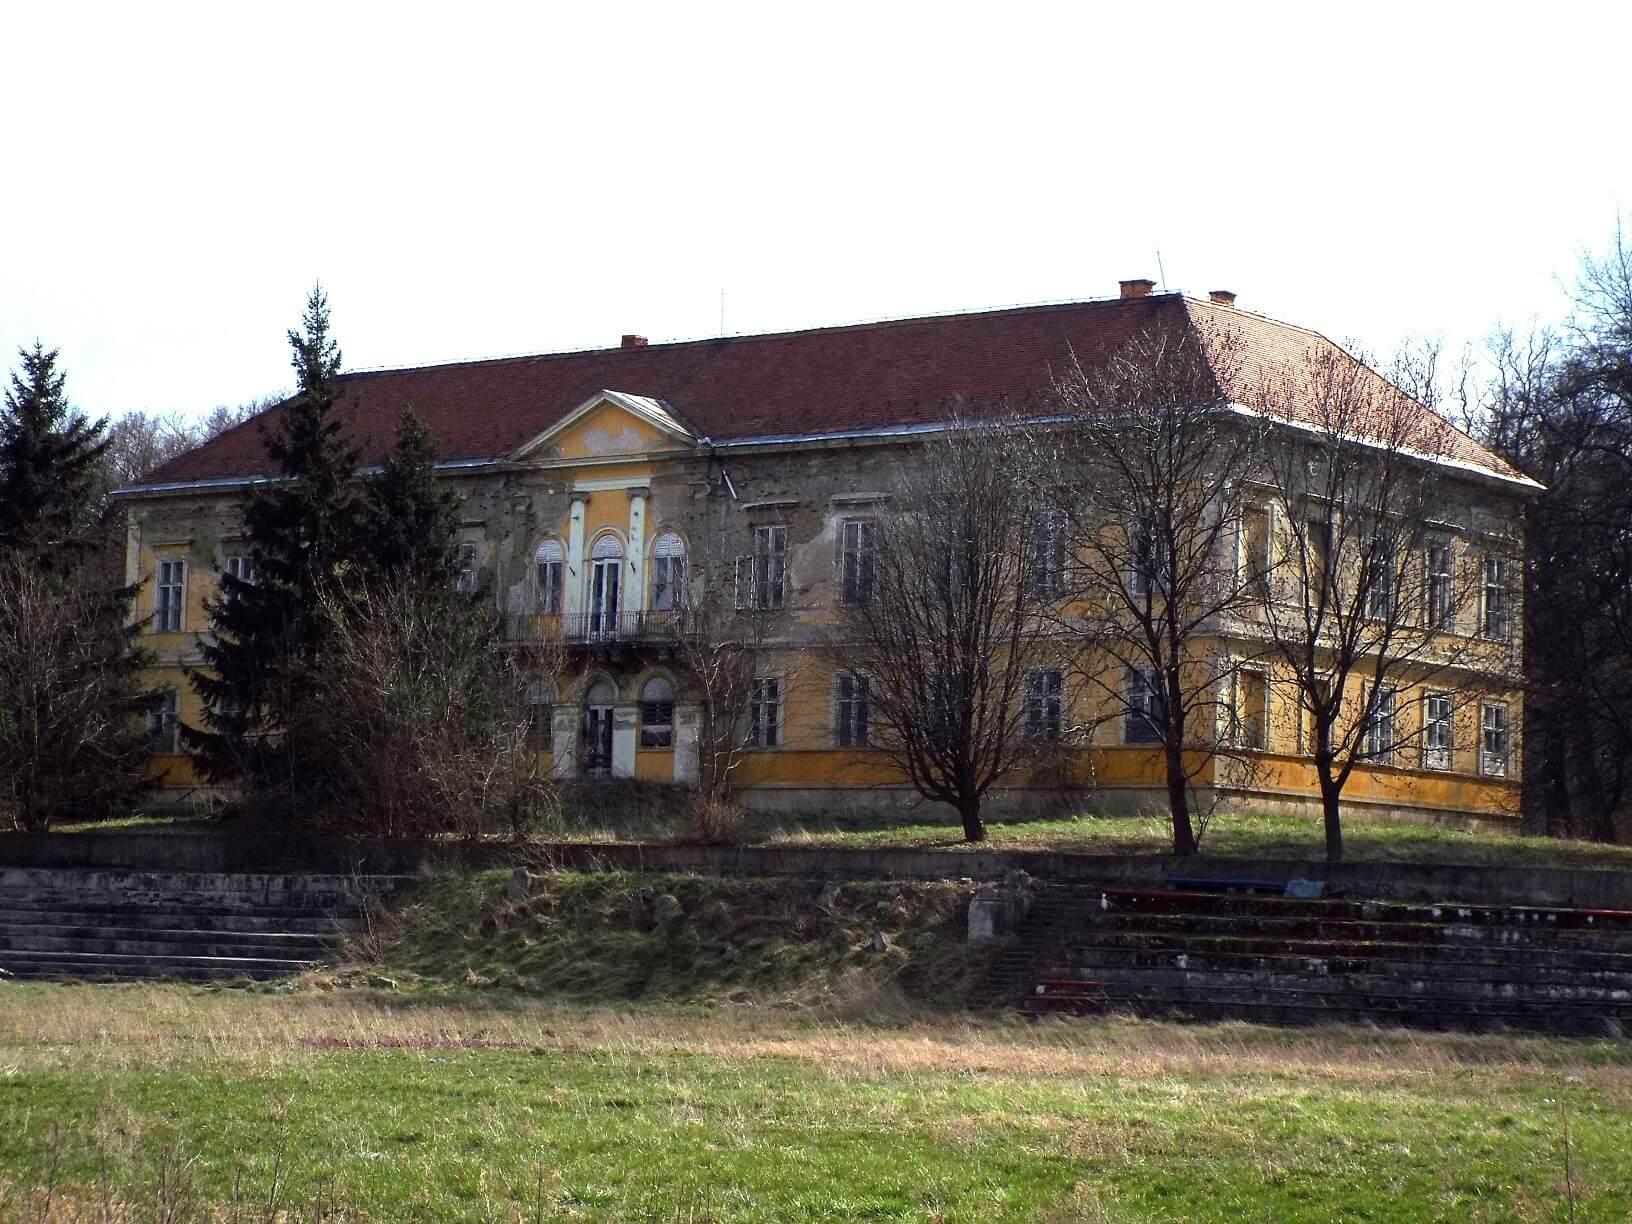 A Westbau megvásárolta és felújítja a bodajki Hochburg-Lamberg kastélyt